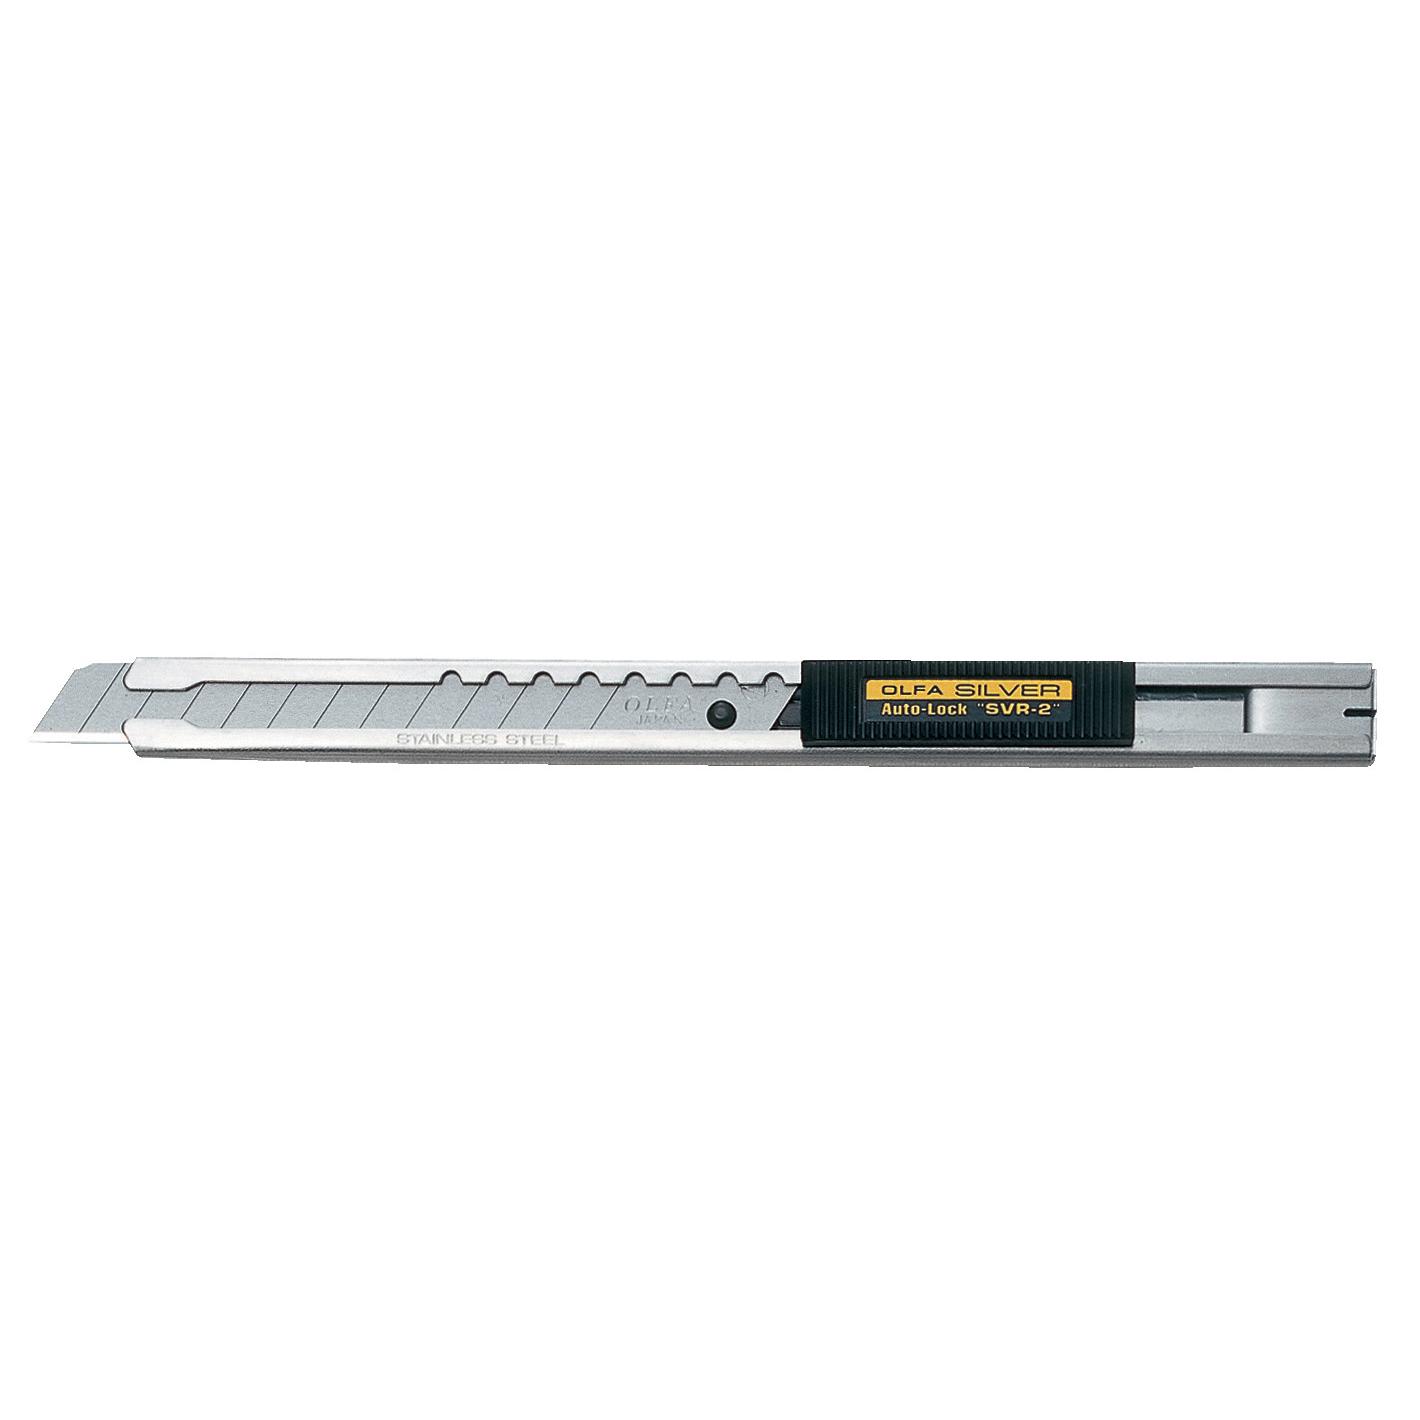 Olfa Cutter - Auto-lock Steel - SVR-2